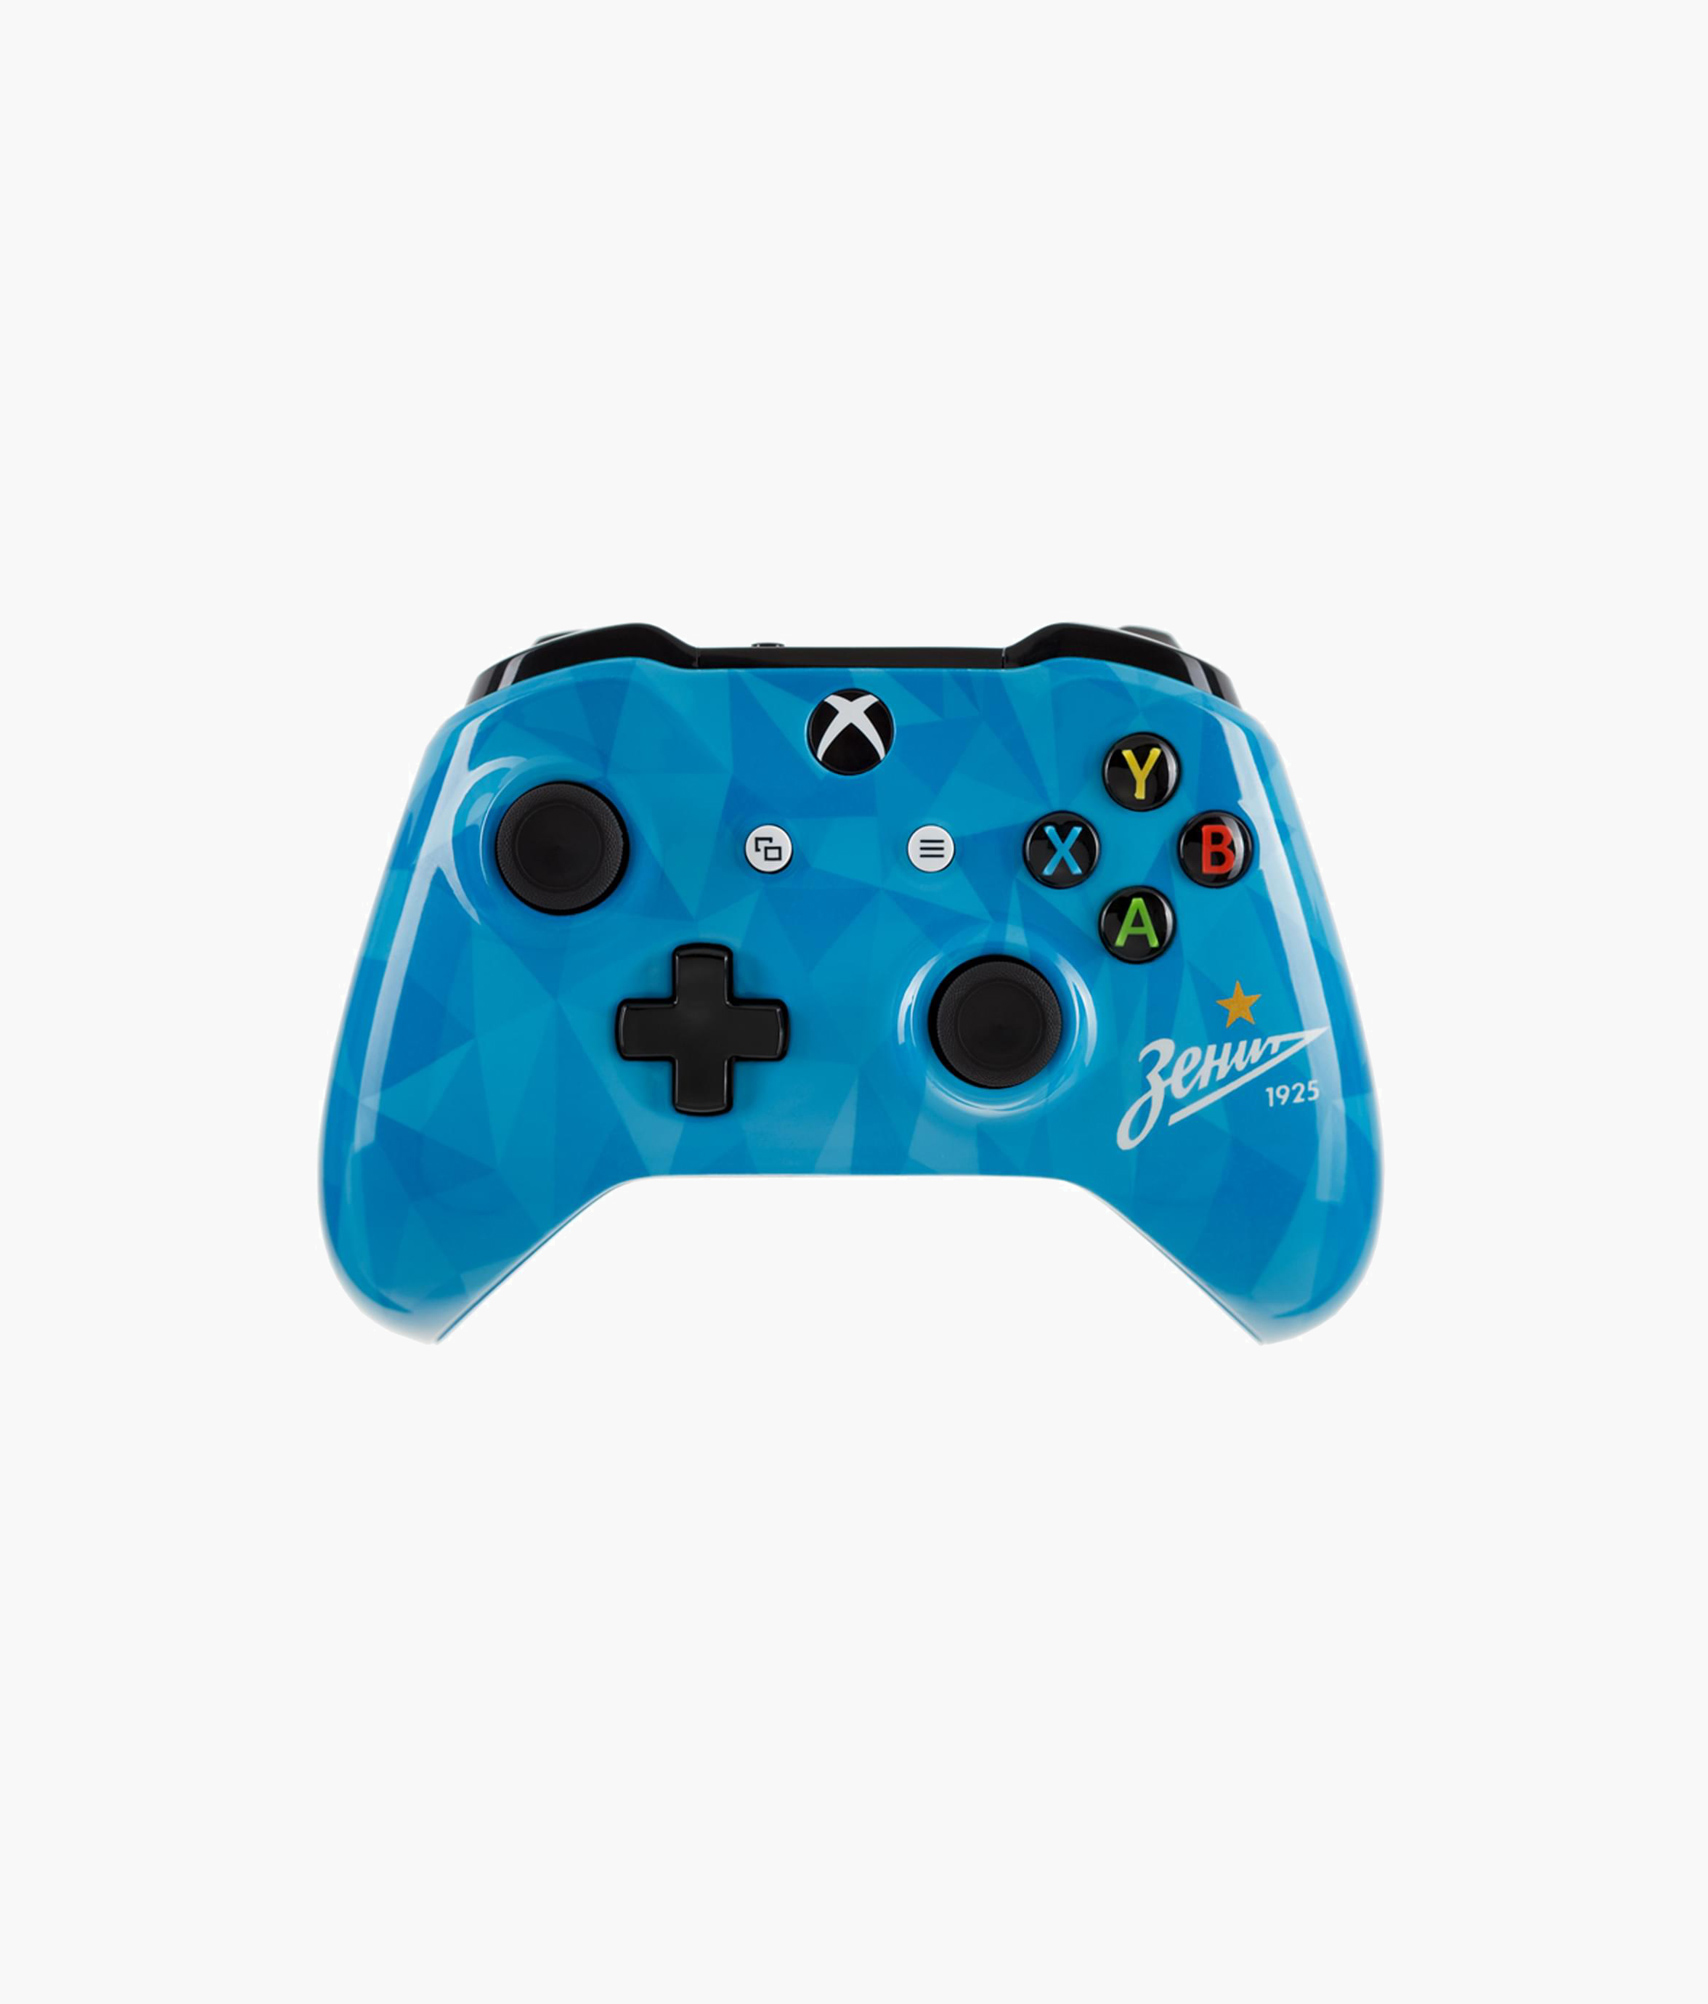 Геймпад беспроводной Xbox One «Зенит Северное Сияние» Зенит аксессуар для игровой консоли rainbo накладки на стики для геймпада зенит